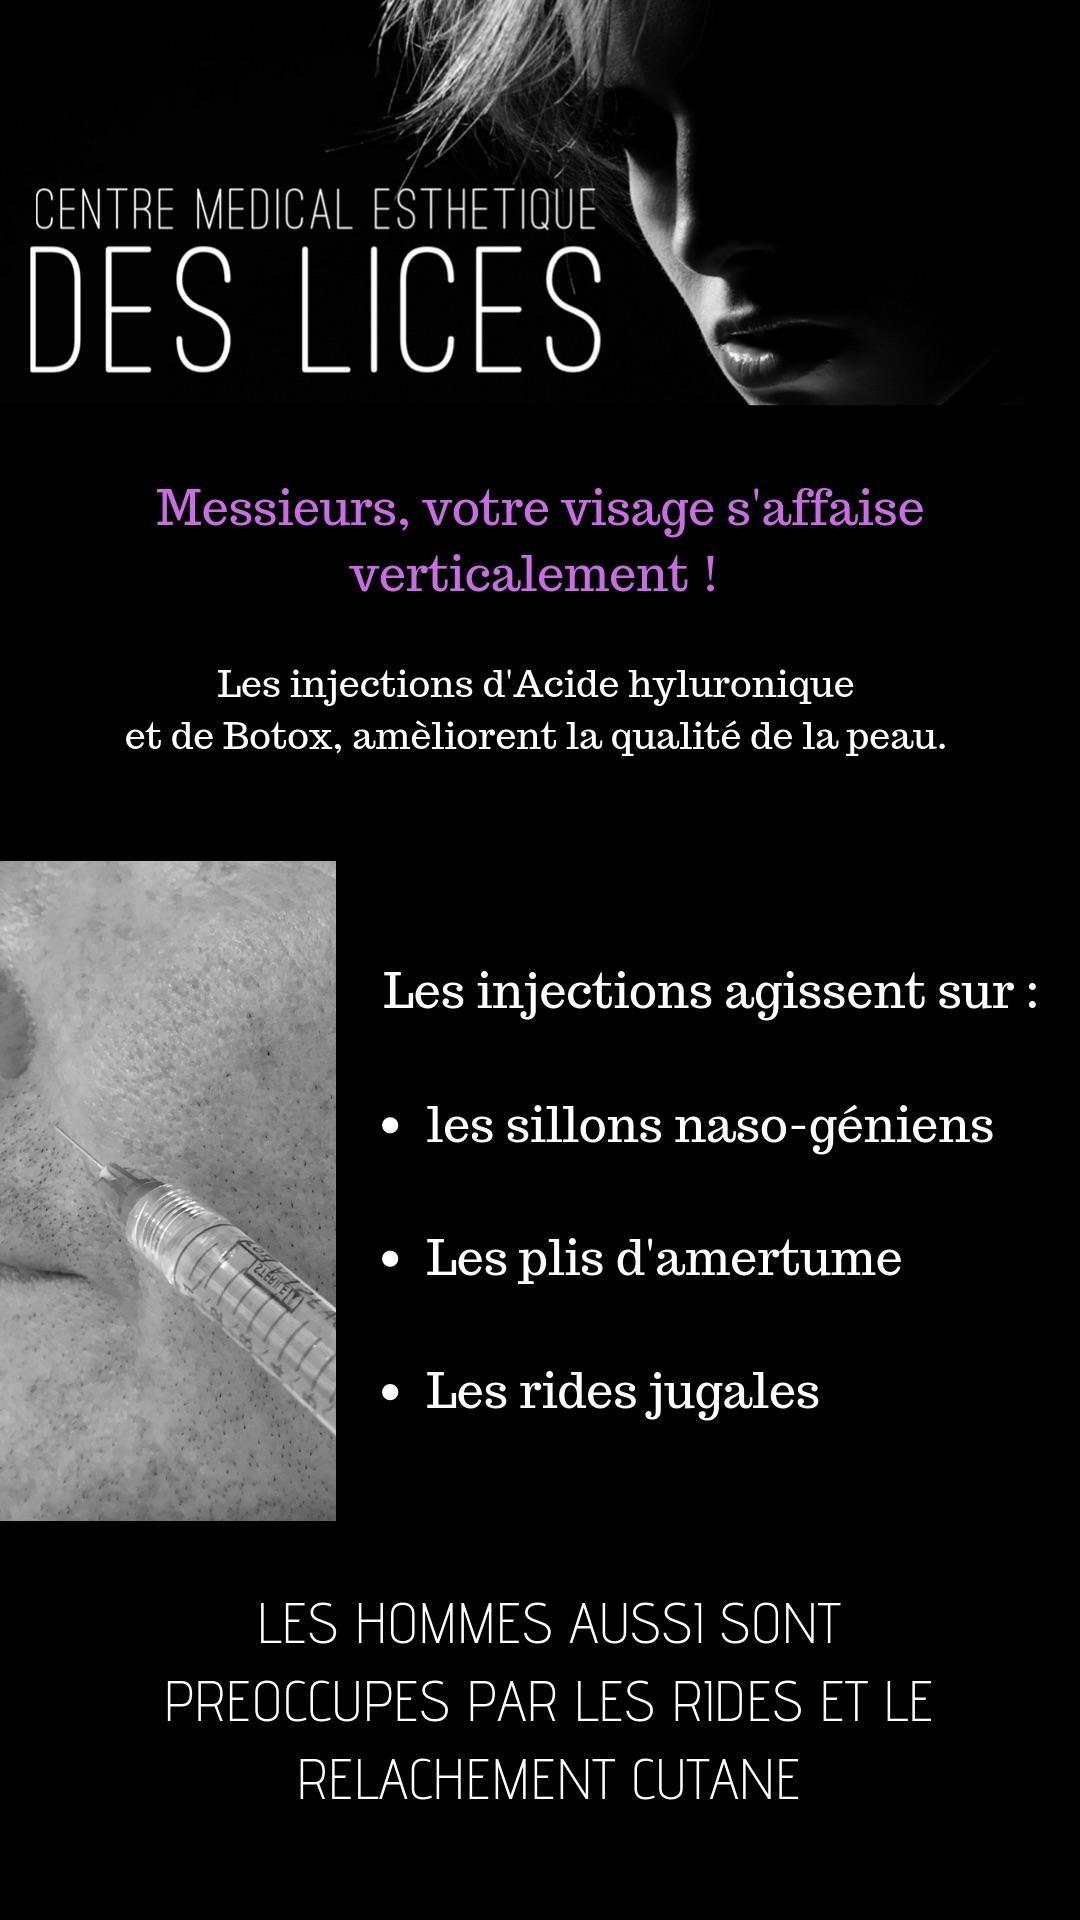 Injections visage pour les hommes au Centre Médical Esthétique des Lices